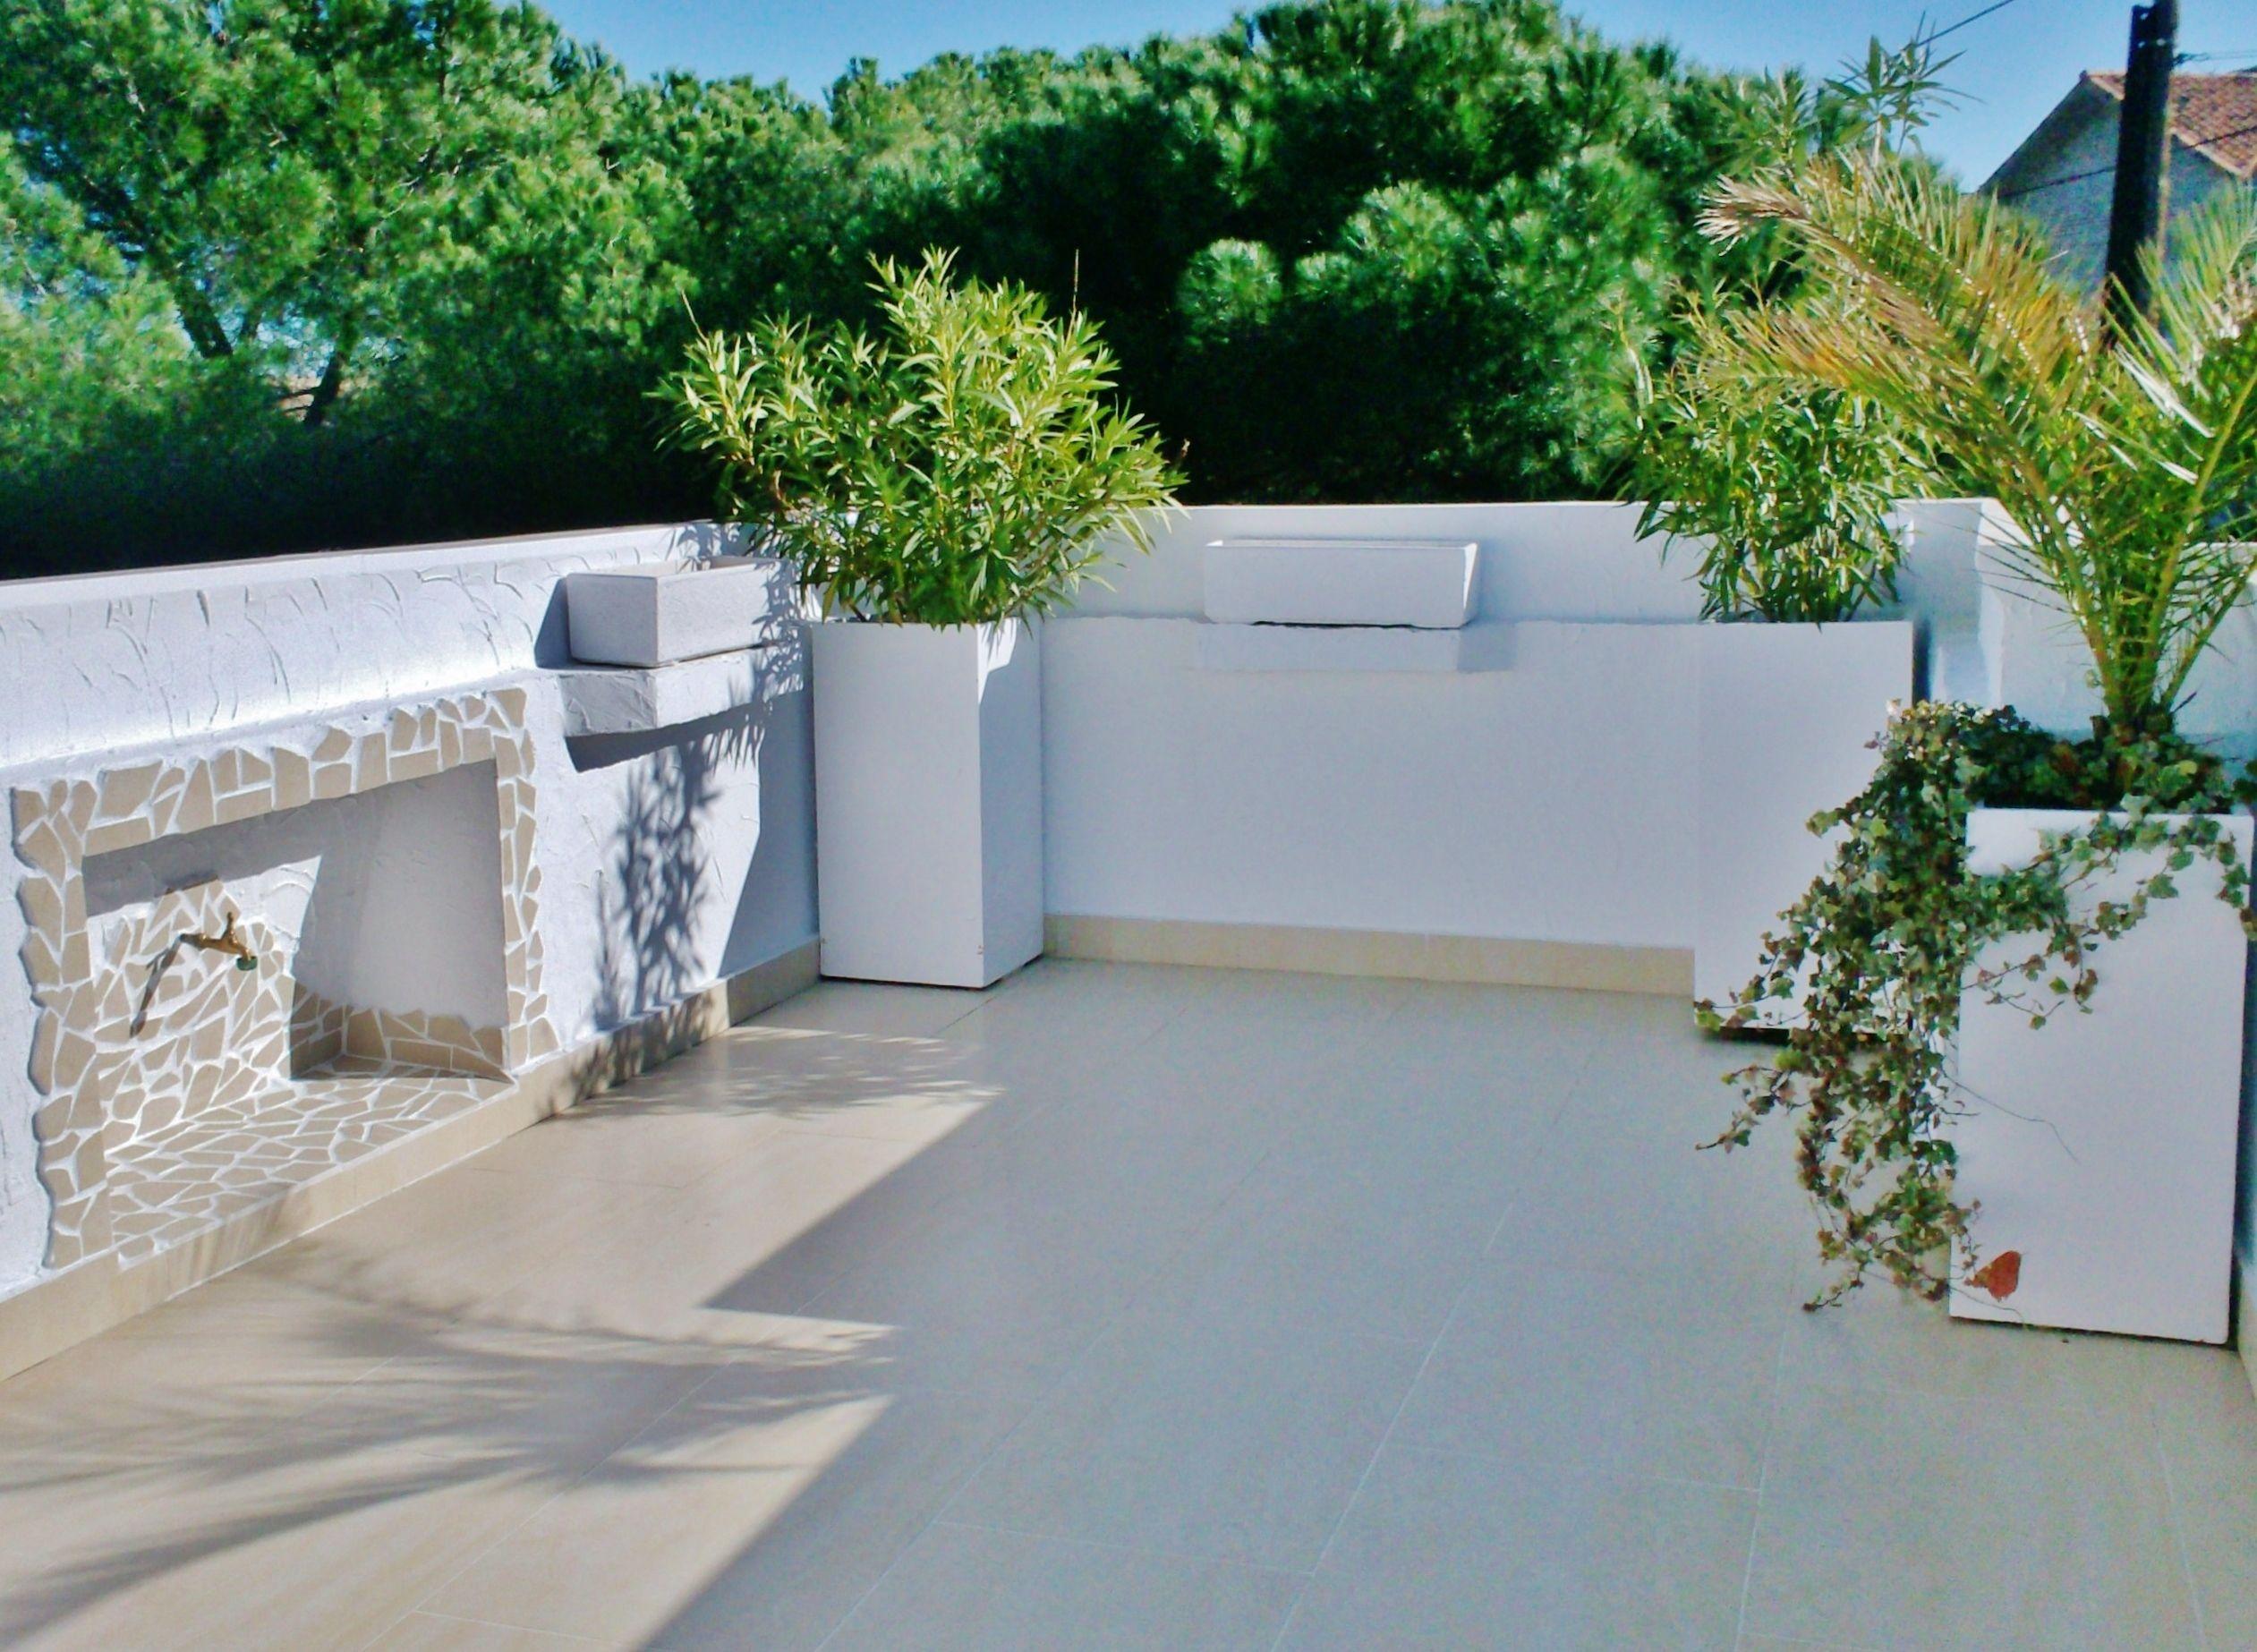 Proyecto Integral Terraza Solados Estucados Hornacinas Instalaciones De Agua Y Electricidad Decoracion De Exteriores Instalacion De Agua Decoracion De Unas